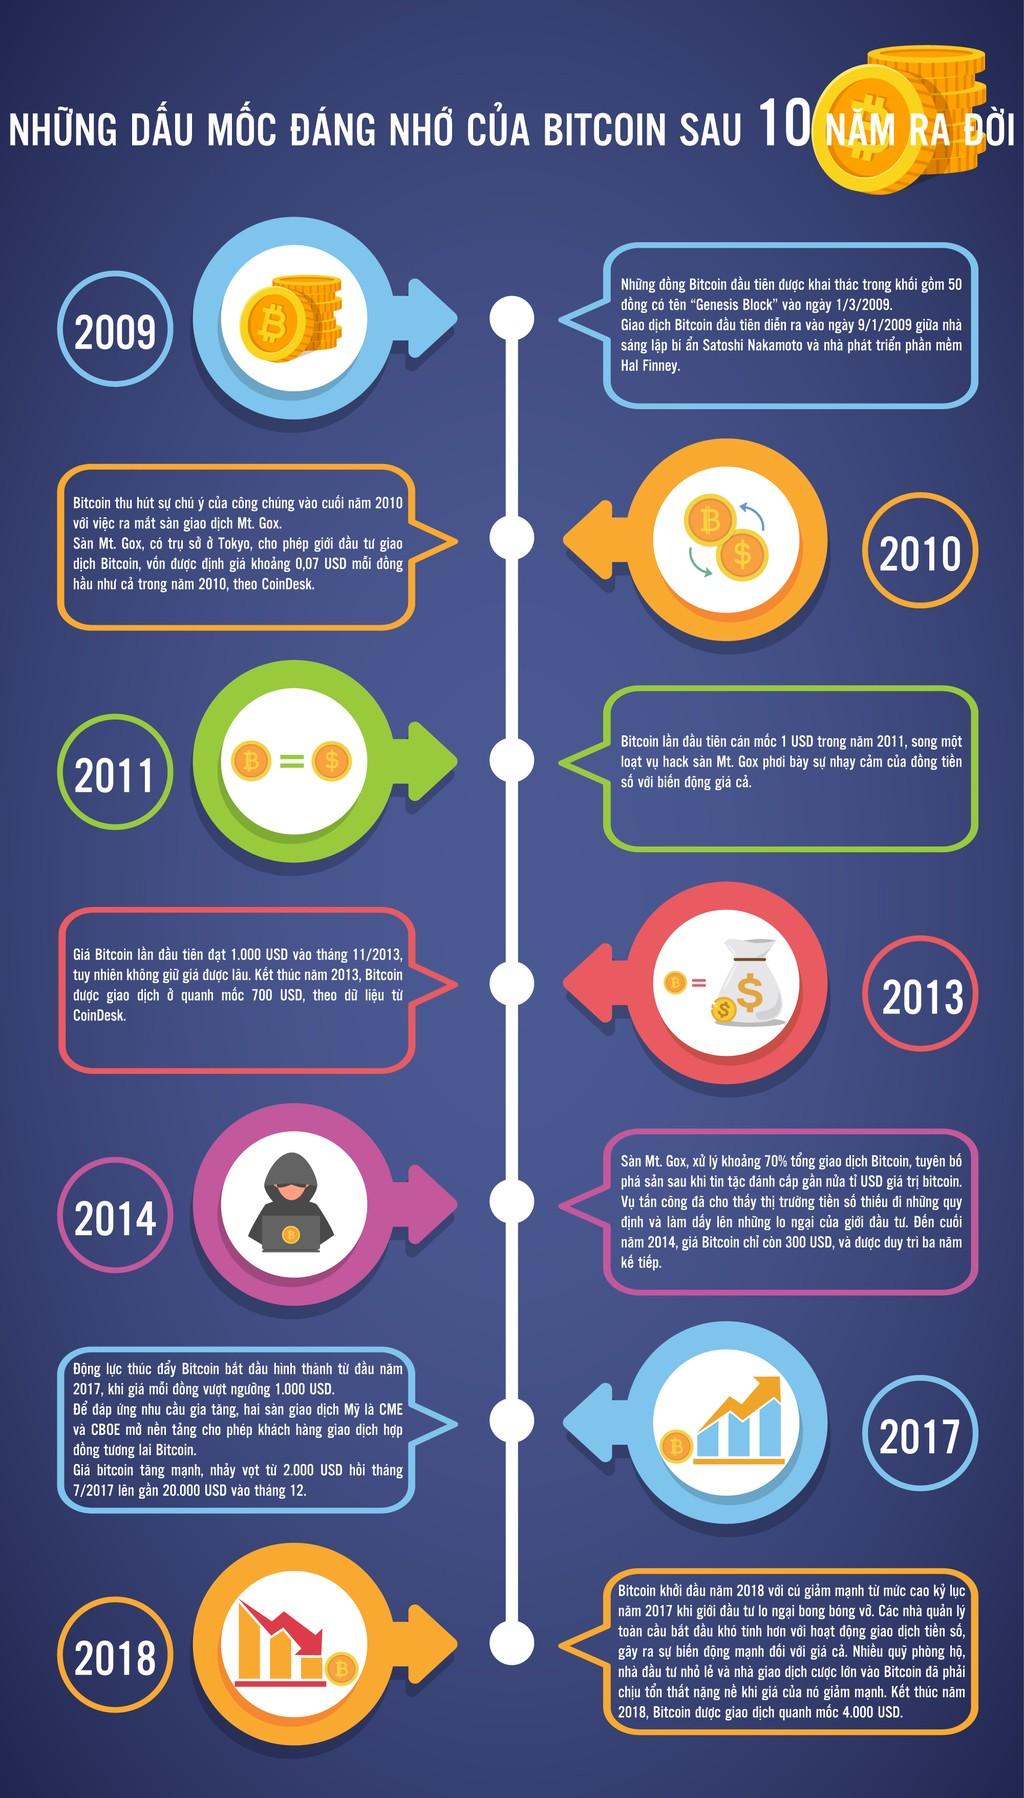 Những dấu mốc đáng nhớ của Bitcoin sau 10 năm ra đời - ảnh 1